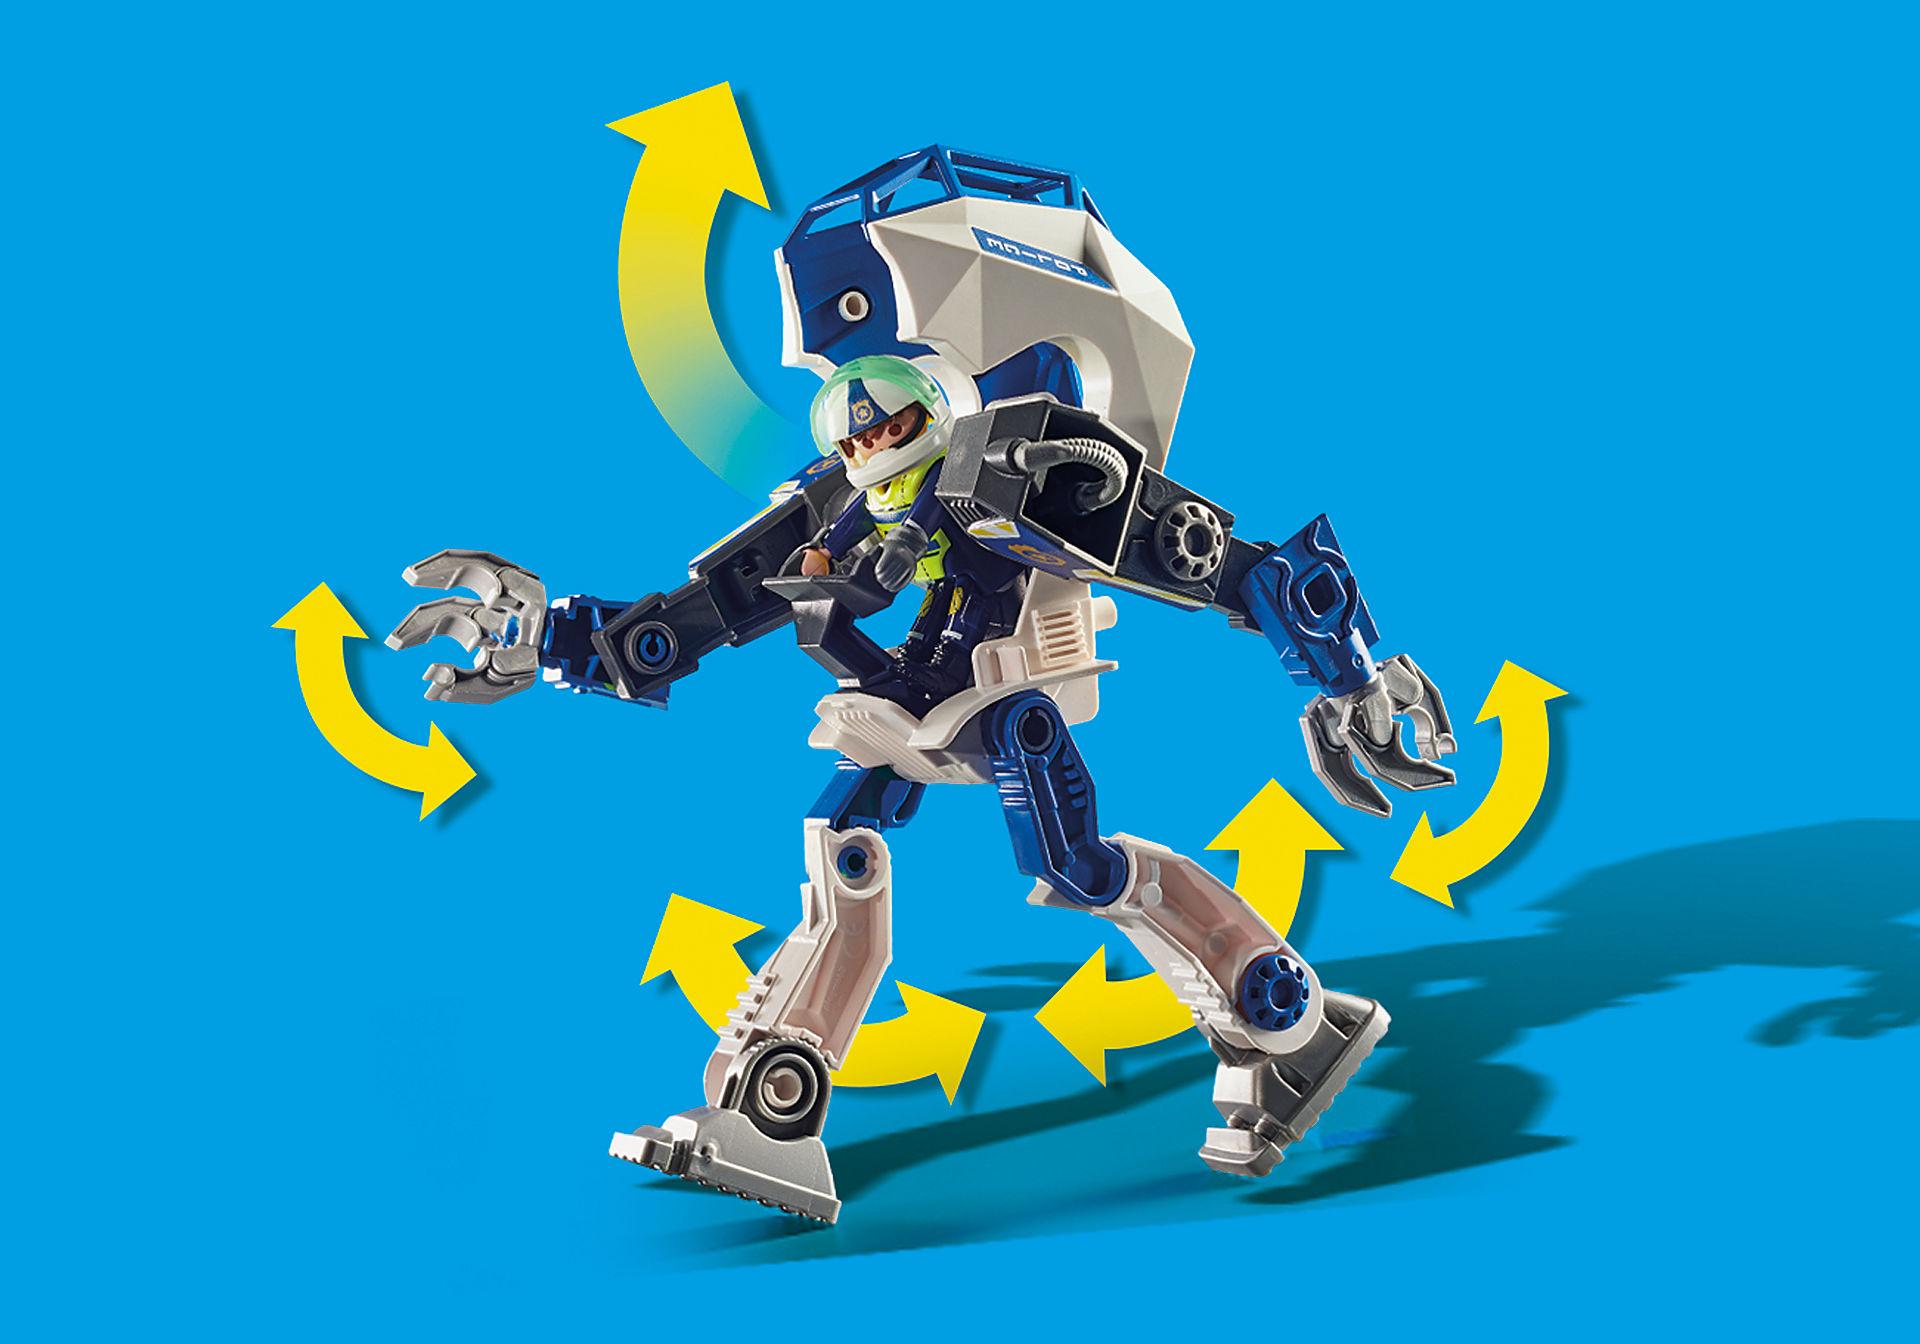 70571 Policyjny robot: Akcja specjalna zoom image7